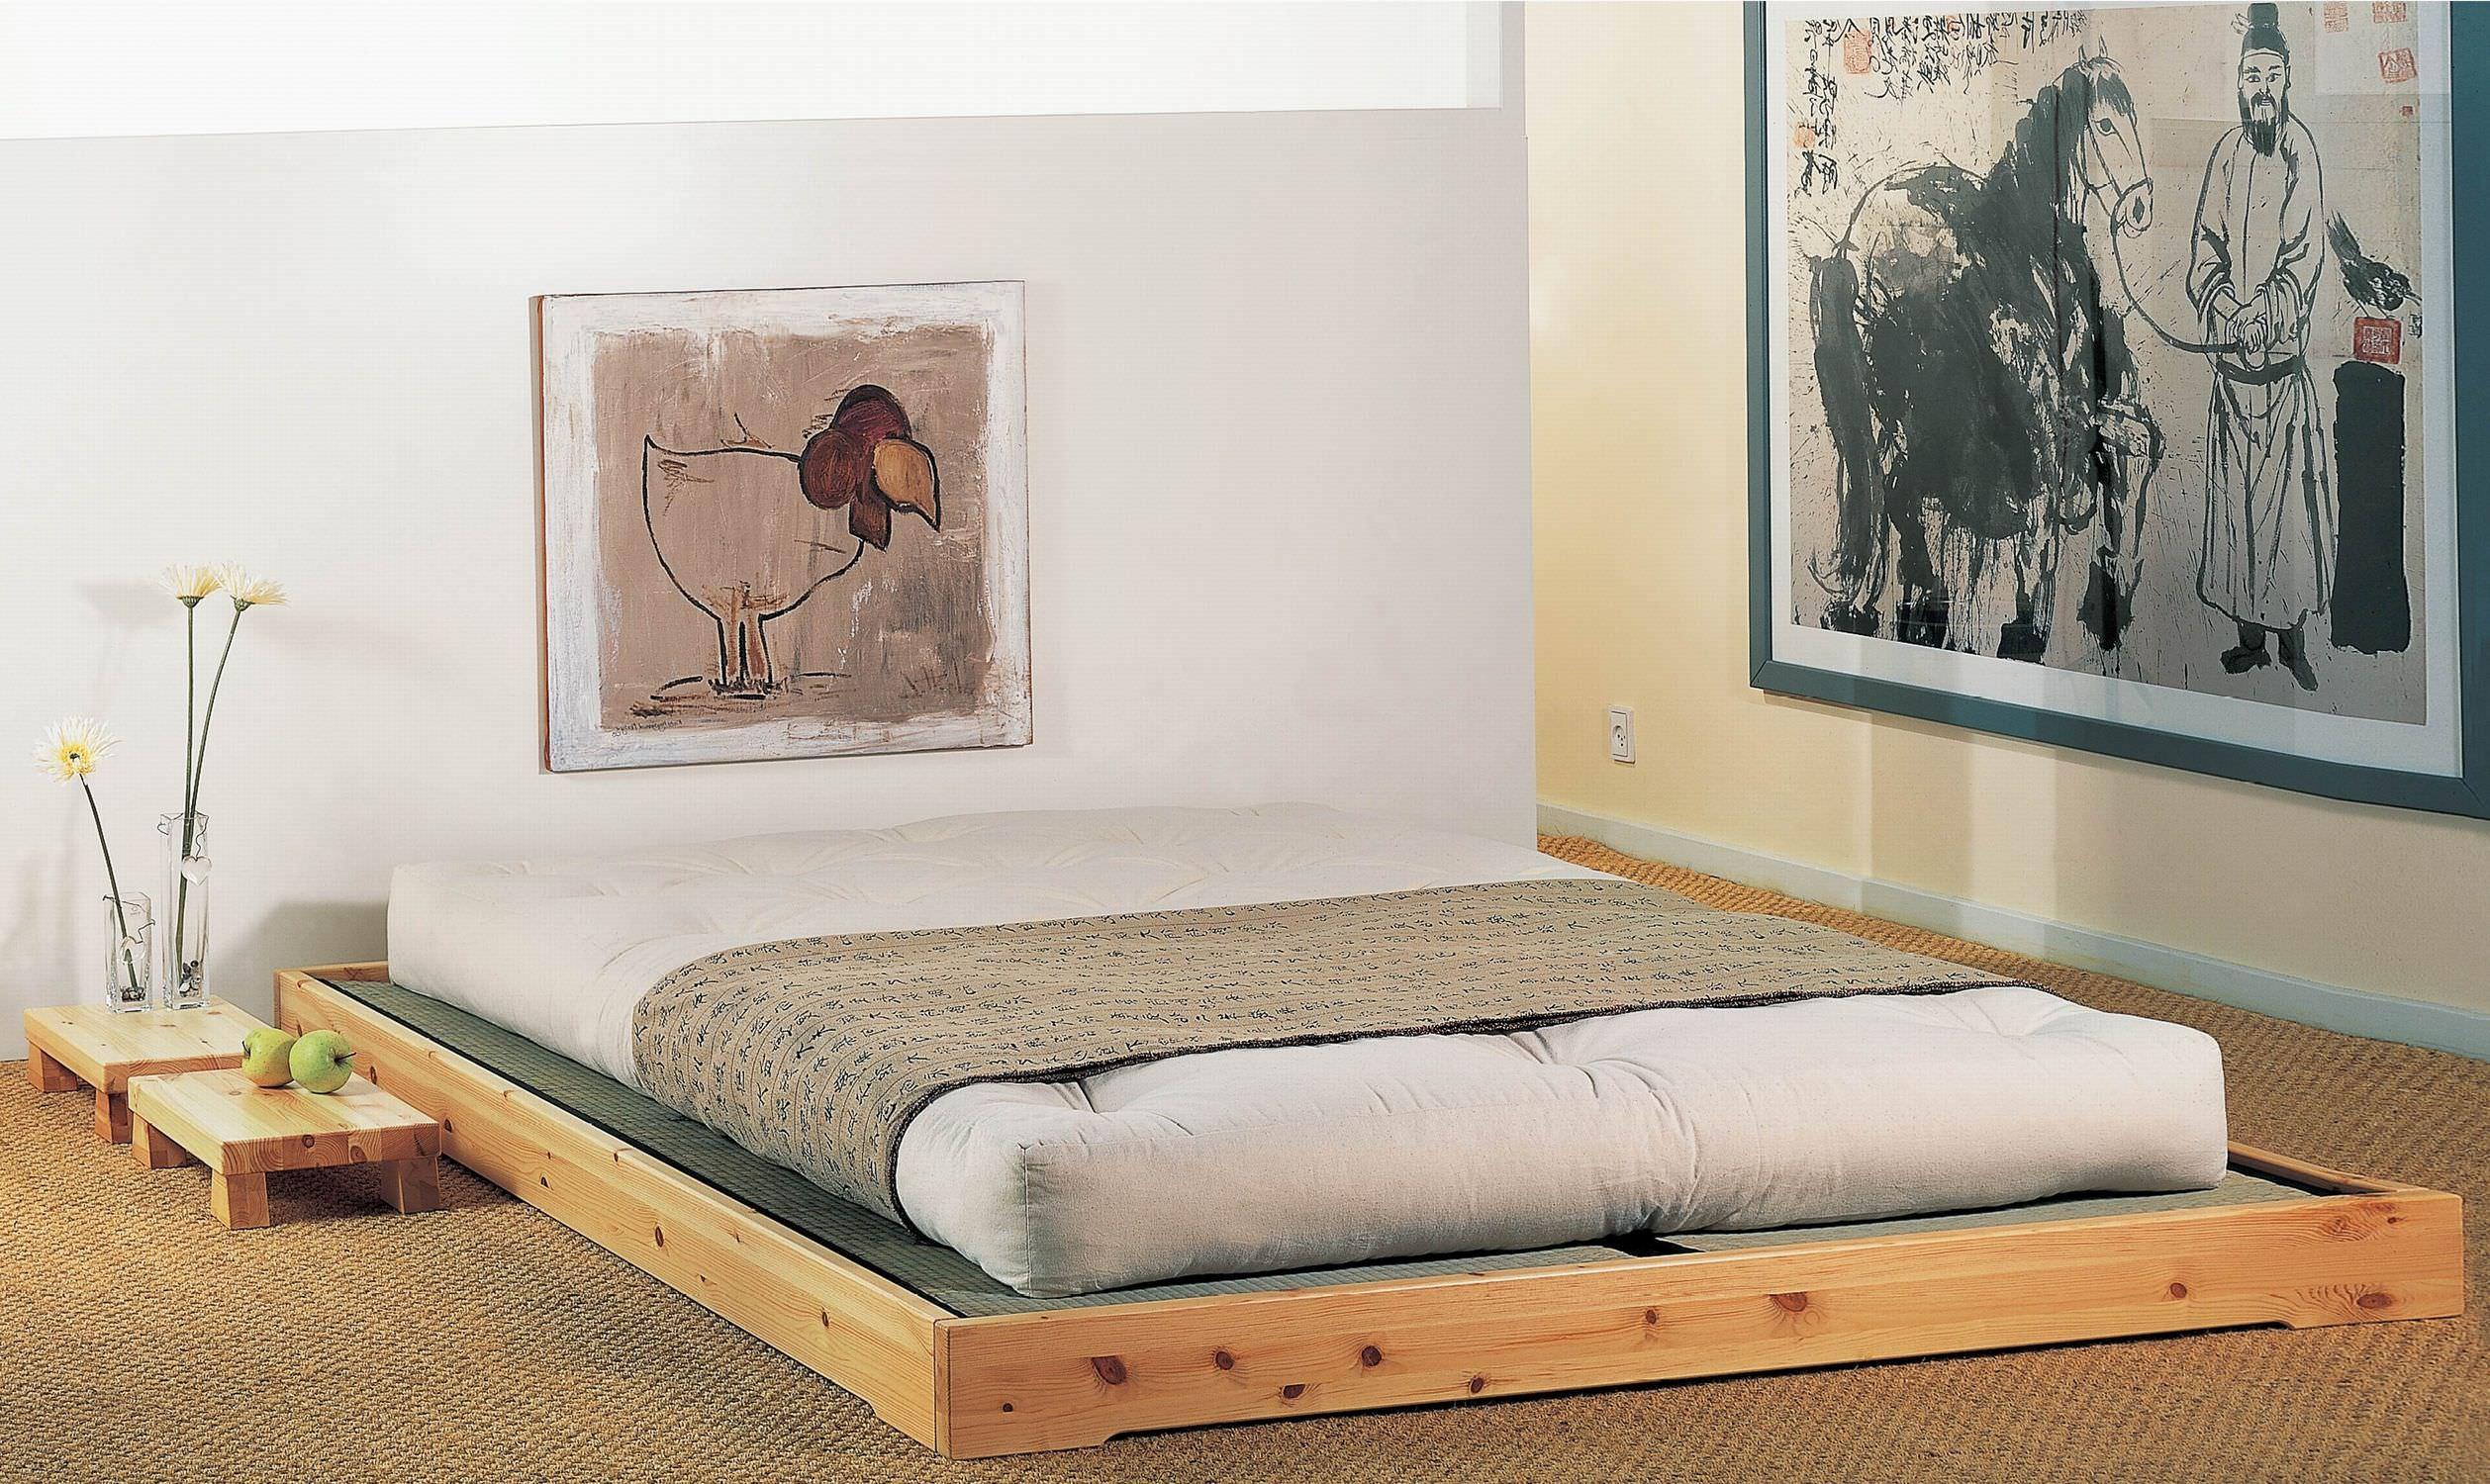 Full Size of Tatami Bett Doppelbett Modern Holz Nokido Cinius Weisses Rückwand Nussbaum 140x200 Günstig Landhaus Somnus Betten 180x200 Mit Bettkasten Flach Eiche 100x200 Bett Tatami Bett